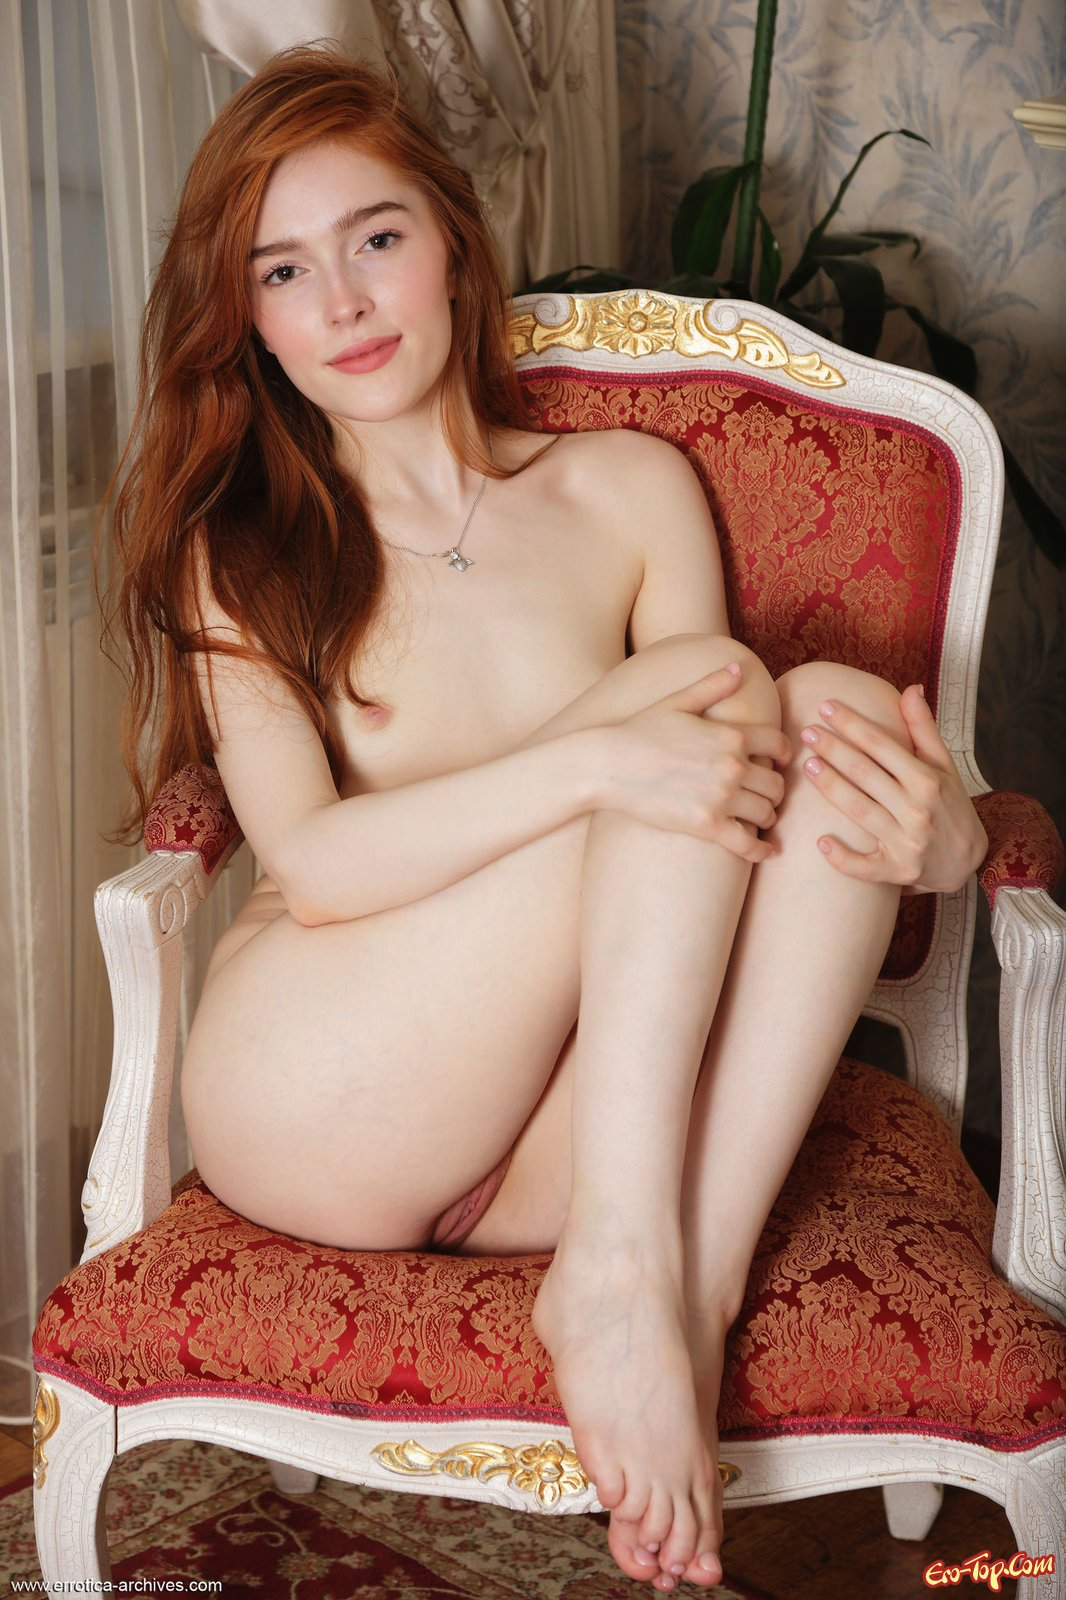 Рыженькая в кружевном нижнем белье оголилась на стуле